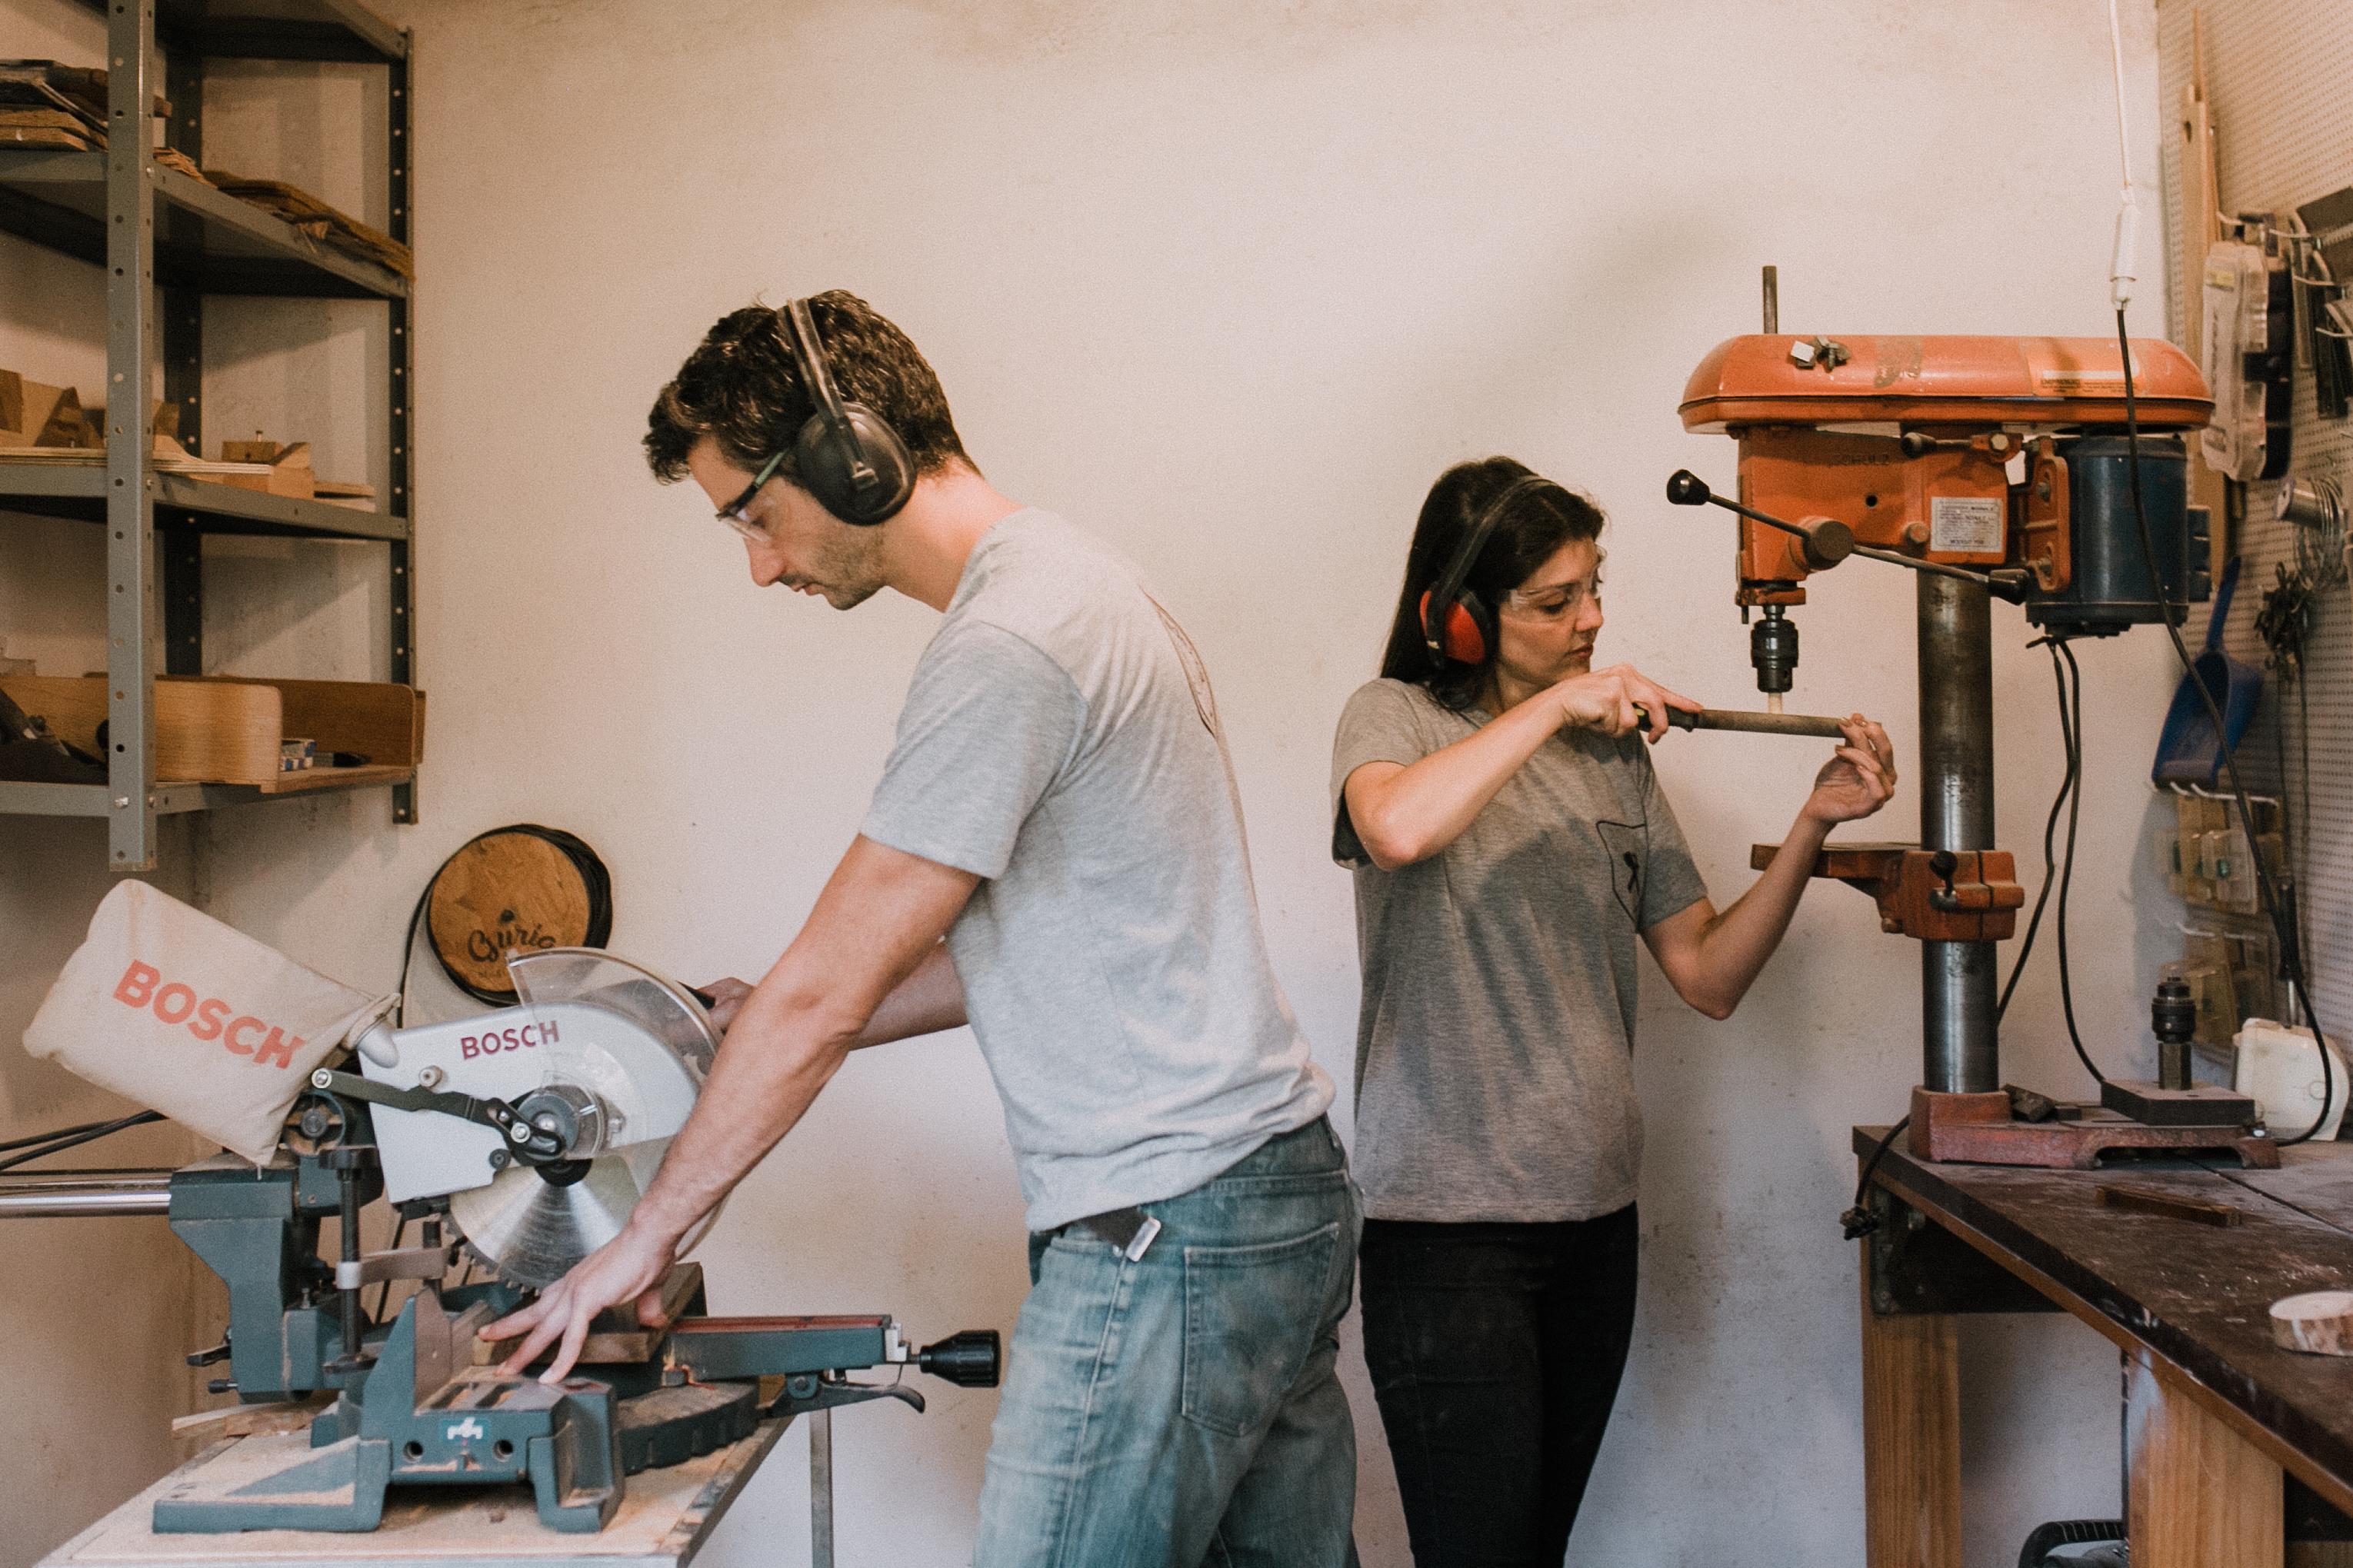 Diogo e Juliana na oficina da marca, que fica junto da casa do casal. Foto: Larissa Guimarães/Divulgação.